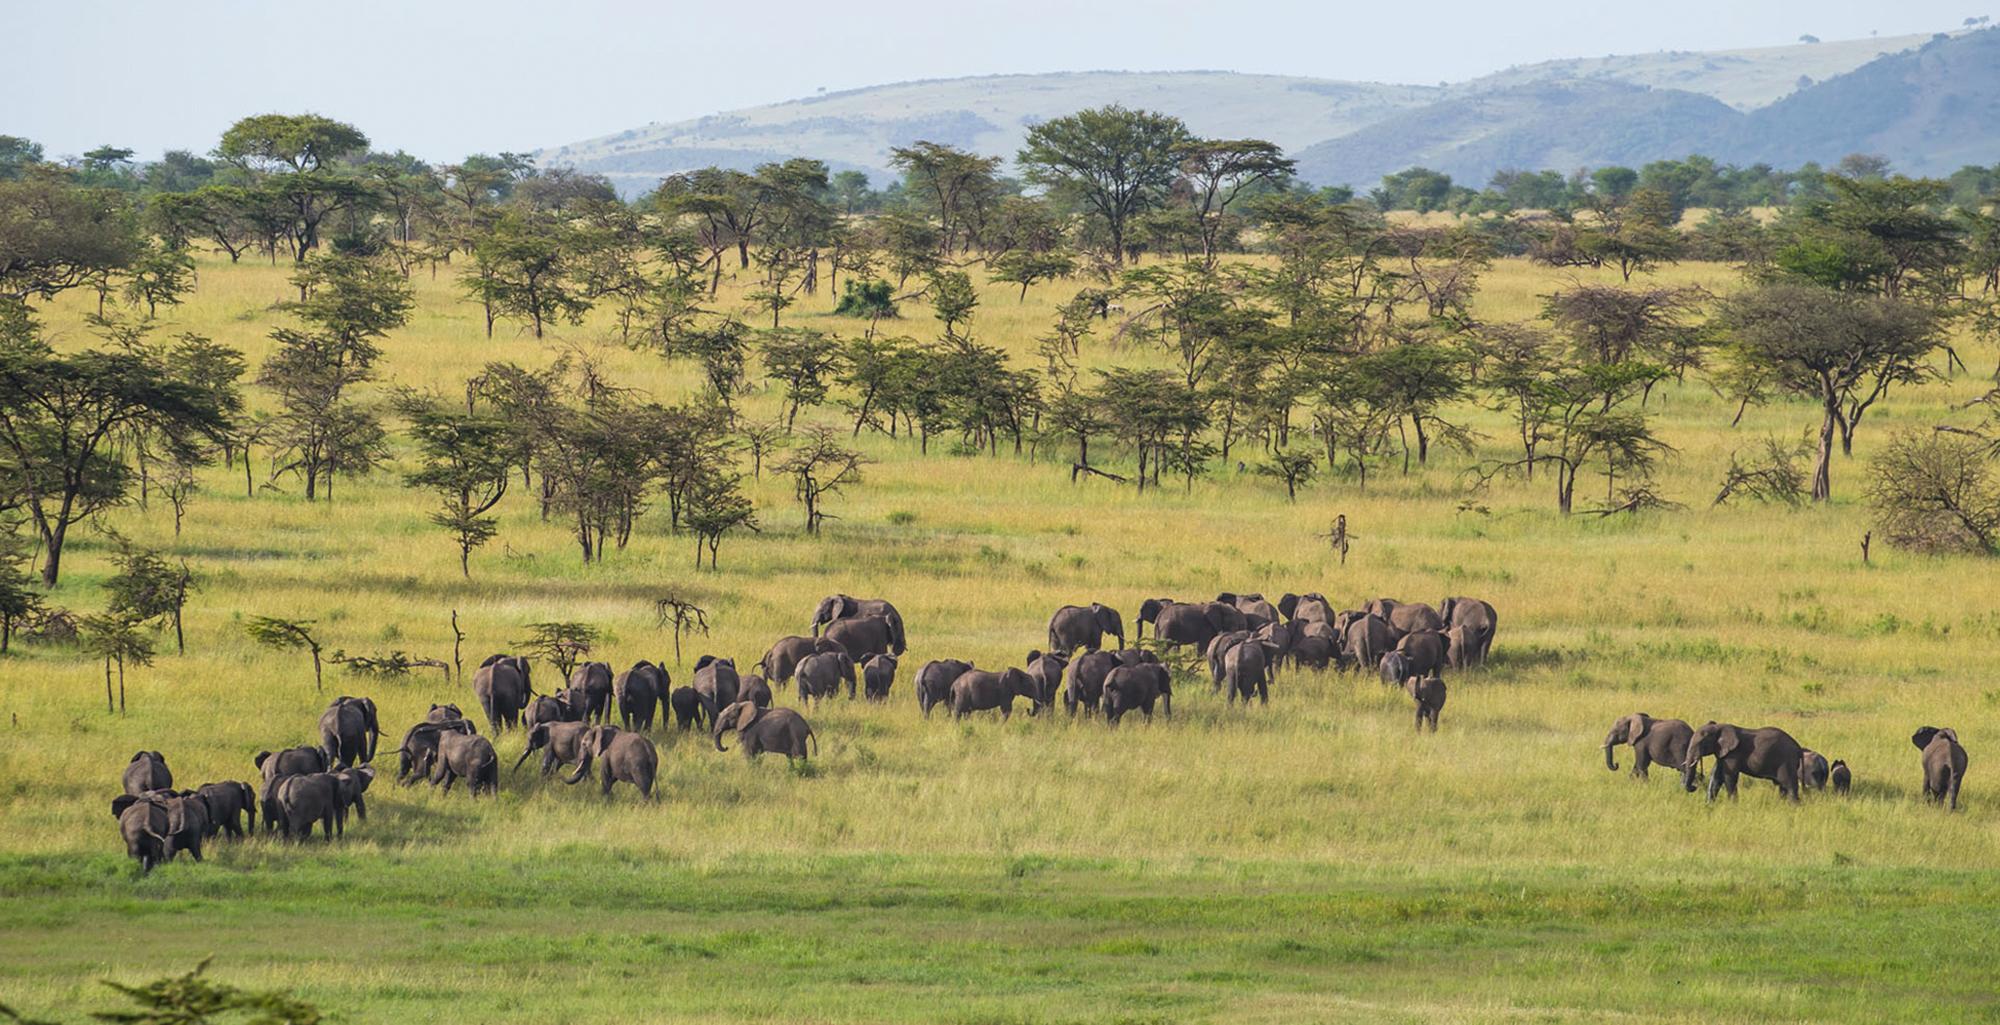 Tanzania-Loliondo-Serengeti-Elephant